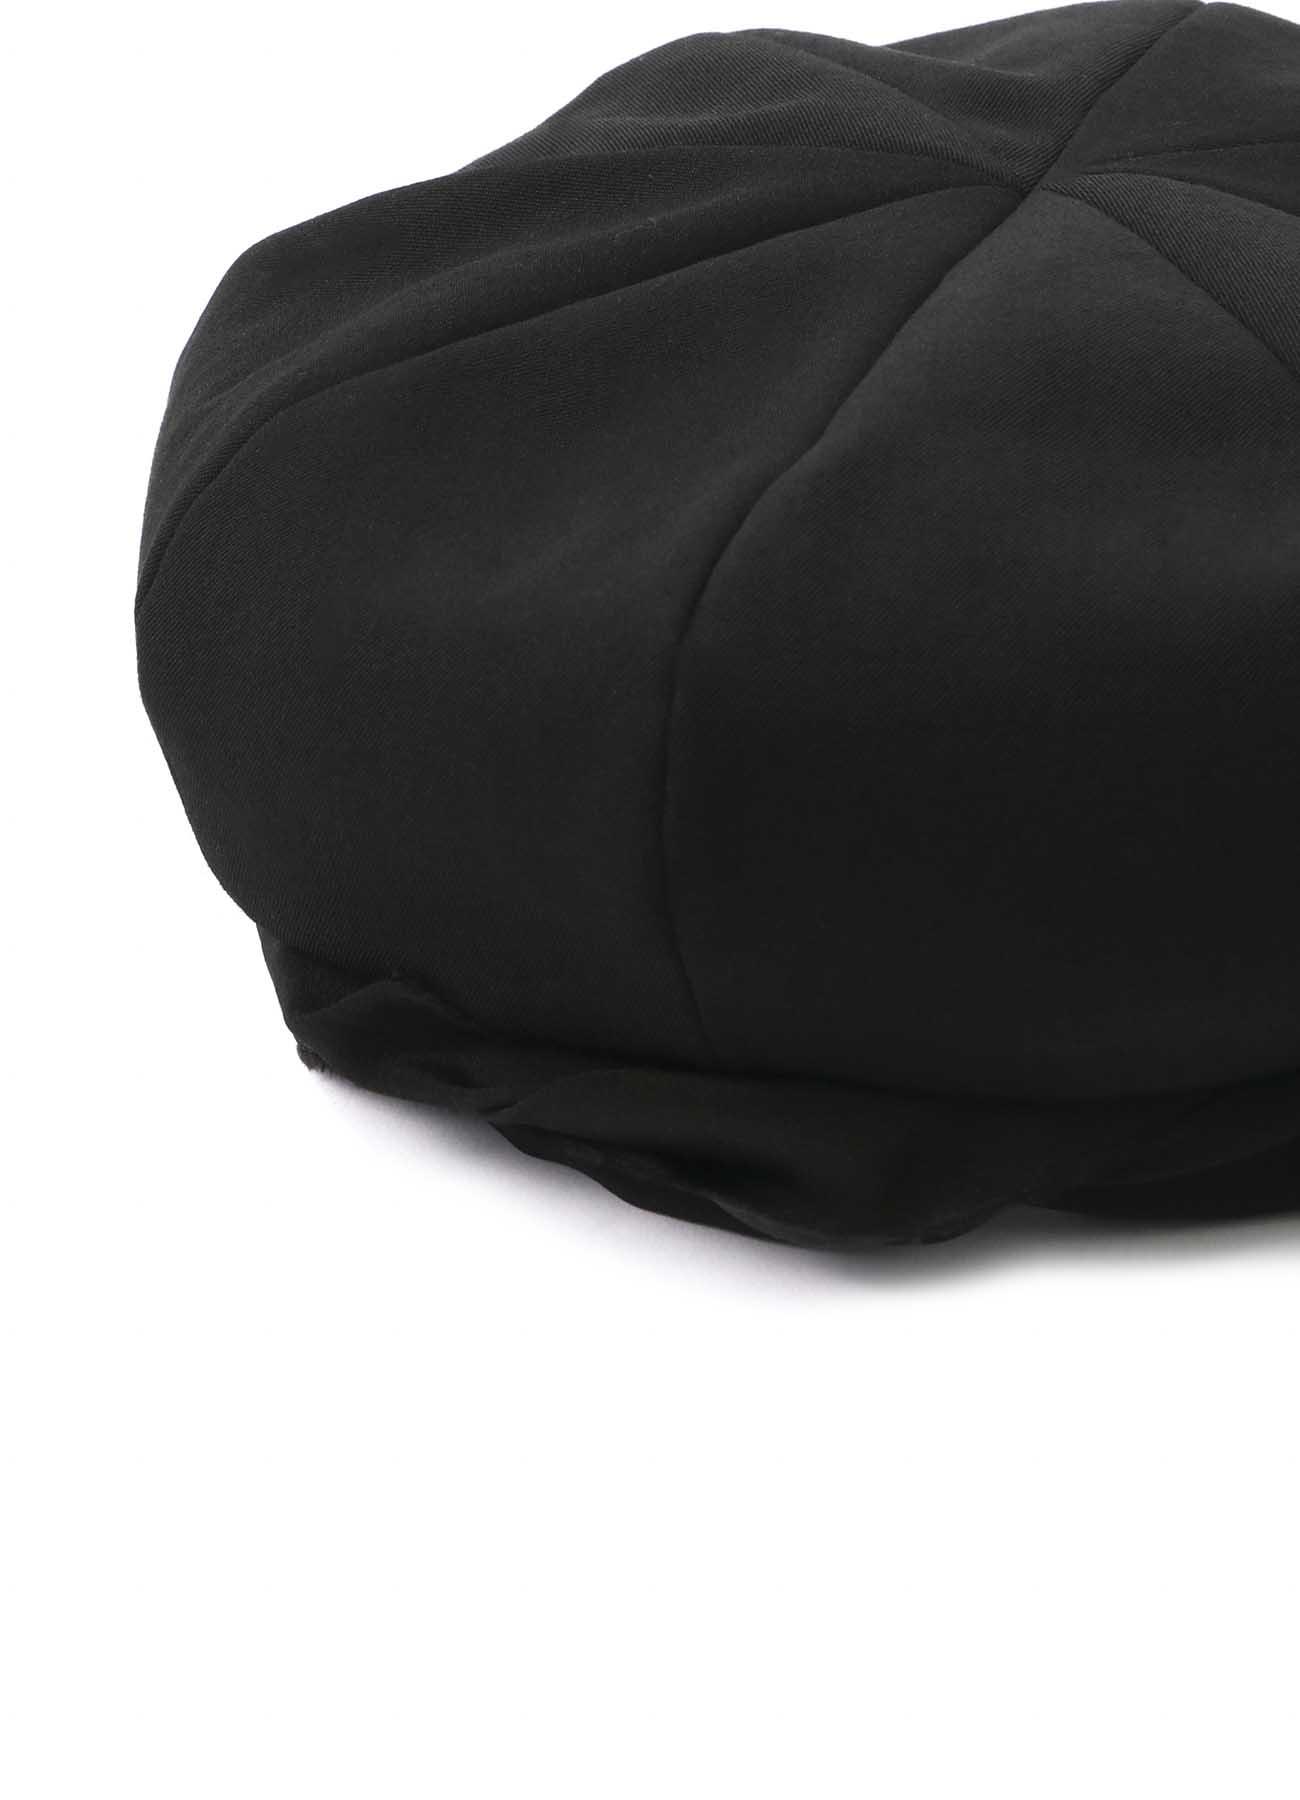 シワギャバ ベレー帽